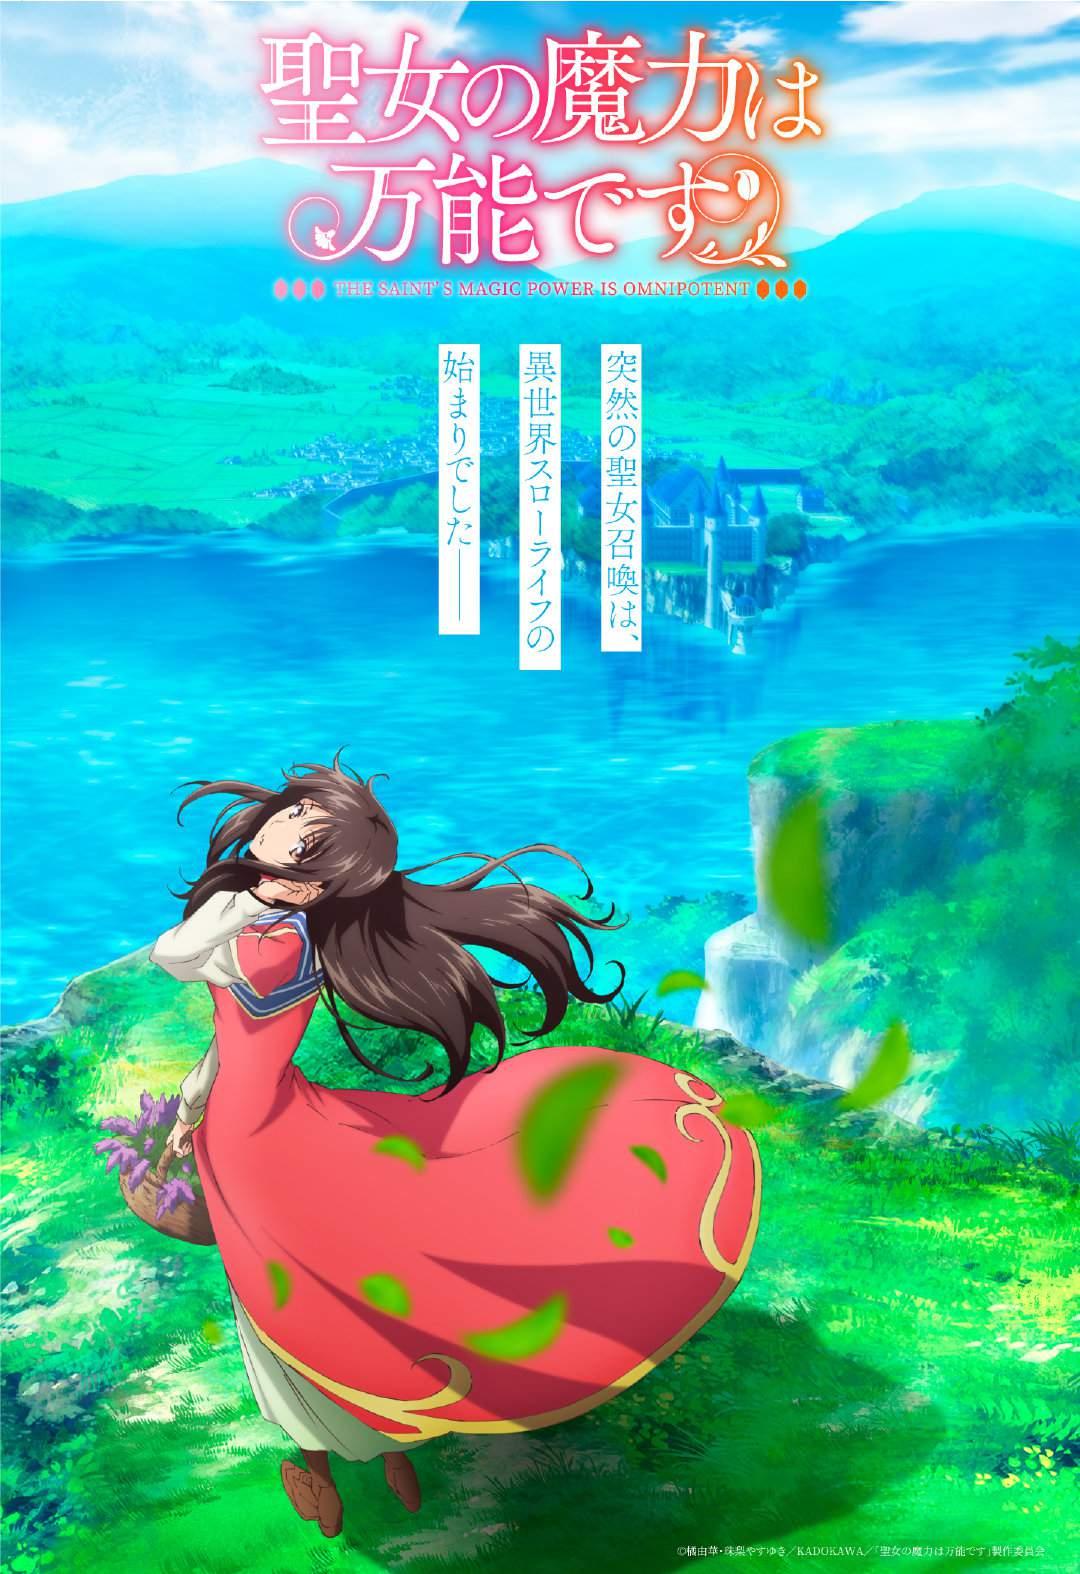 TV动画「圣女的魔力是万能的」公开第一弹声优阵容及STAFF名单